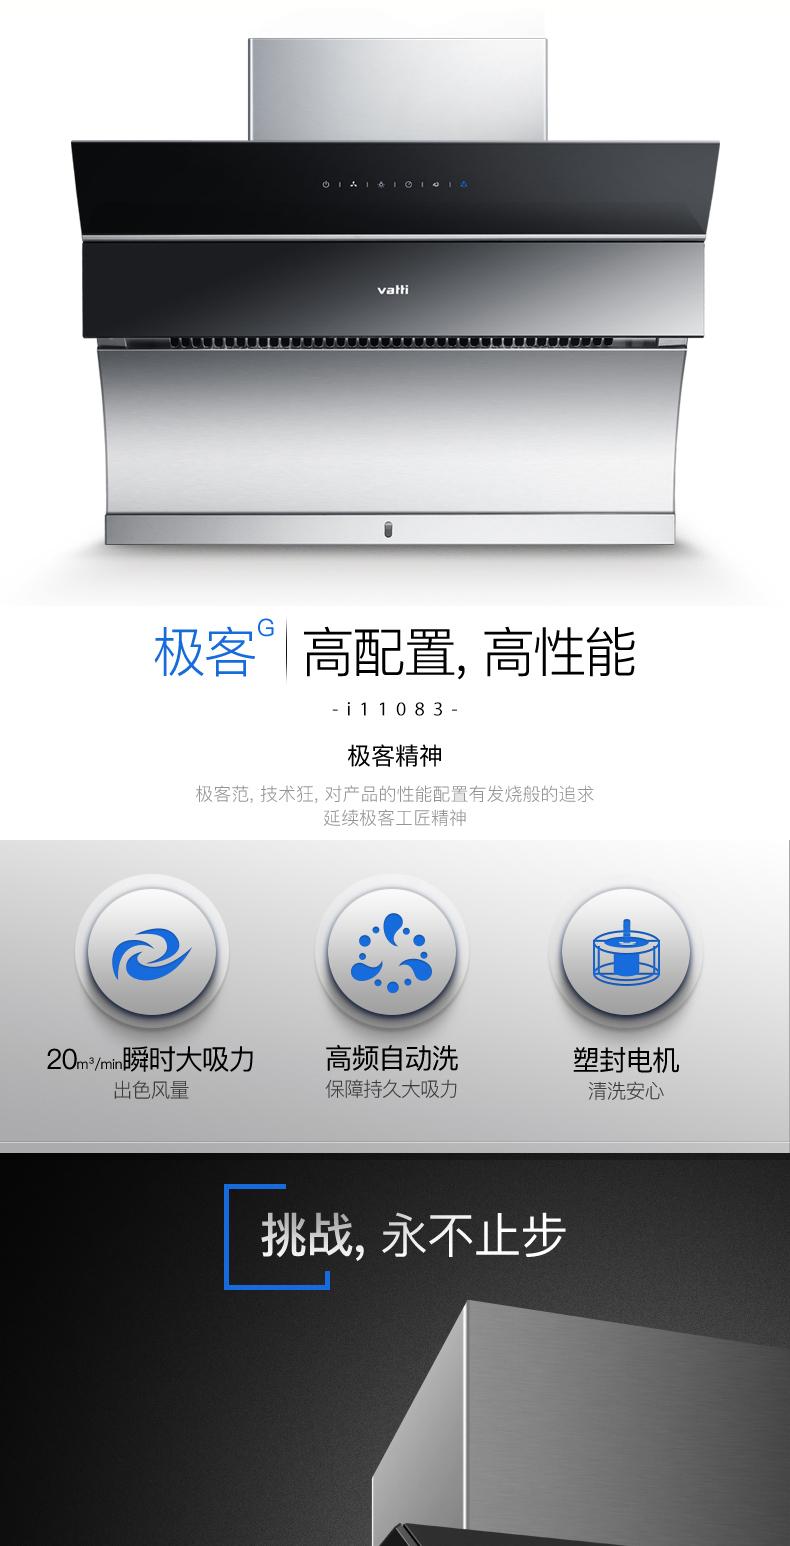 华帝i11083侧吸式抽油烟机燃气灶热水器套装厨房烟灶消三件套套餐怎么样,这个型号好吗